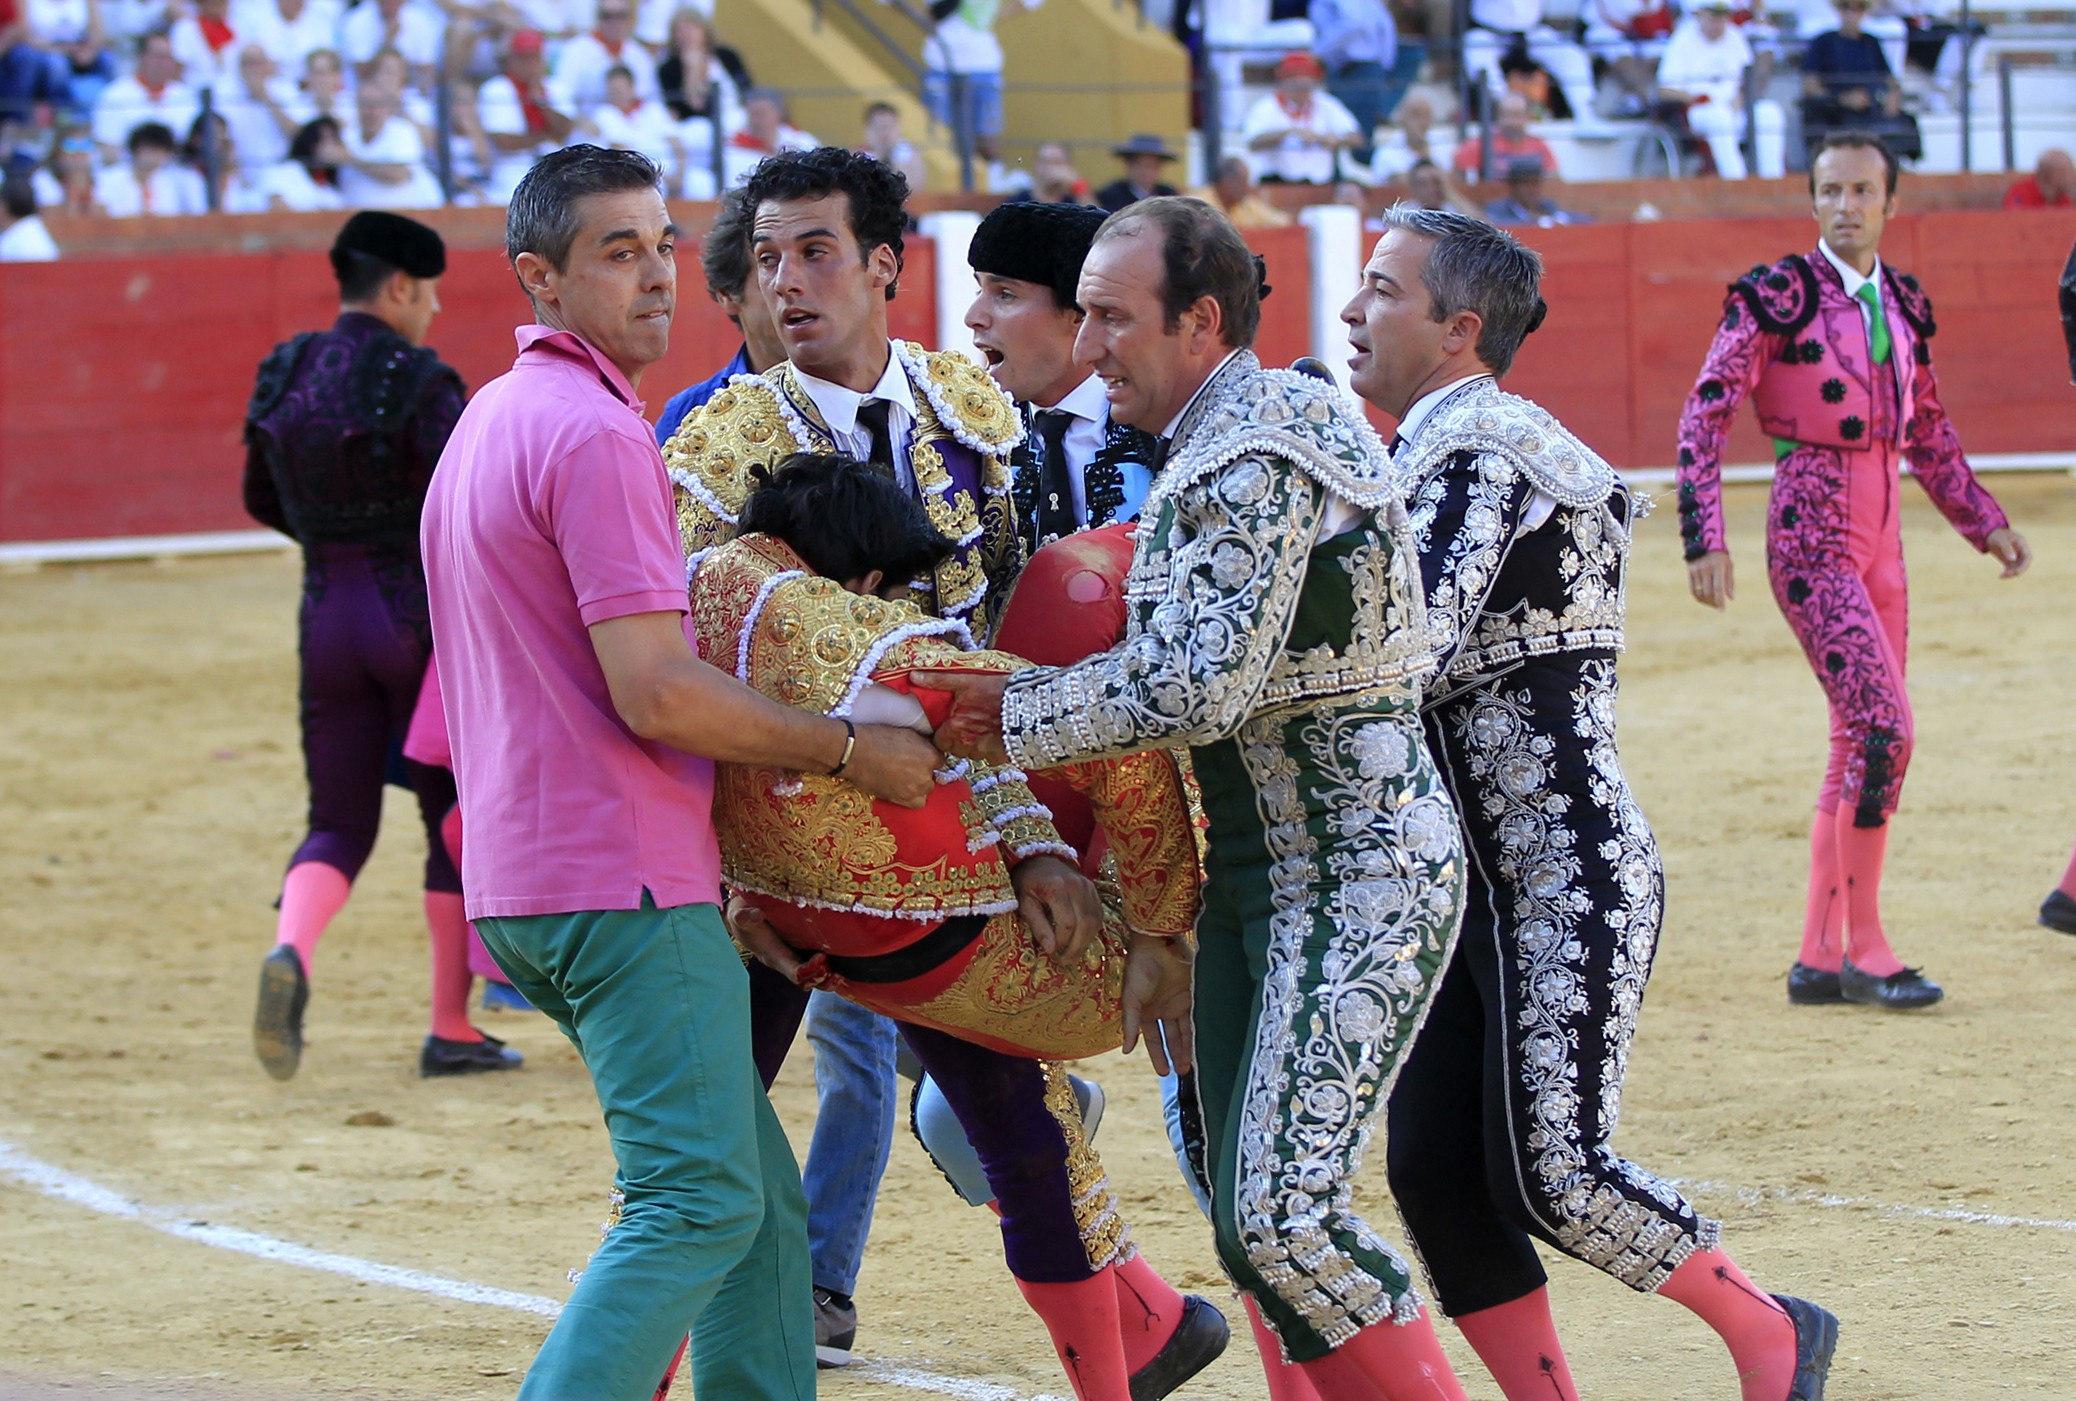 GRA310. TERUEL, 09/07/2016.- El torero segoviano de 29 años Víctor Barrio ha fallecido esta tarde en la plaza de toros de Teruel, en la Feria del Ángel, tras sufrir una grave cogida en el tercer toro de la tarde. EFE/Antonio García